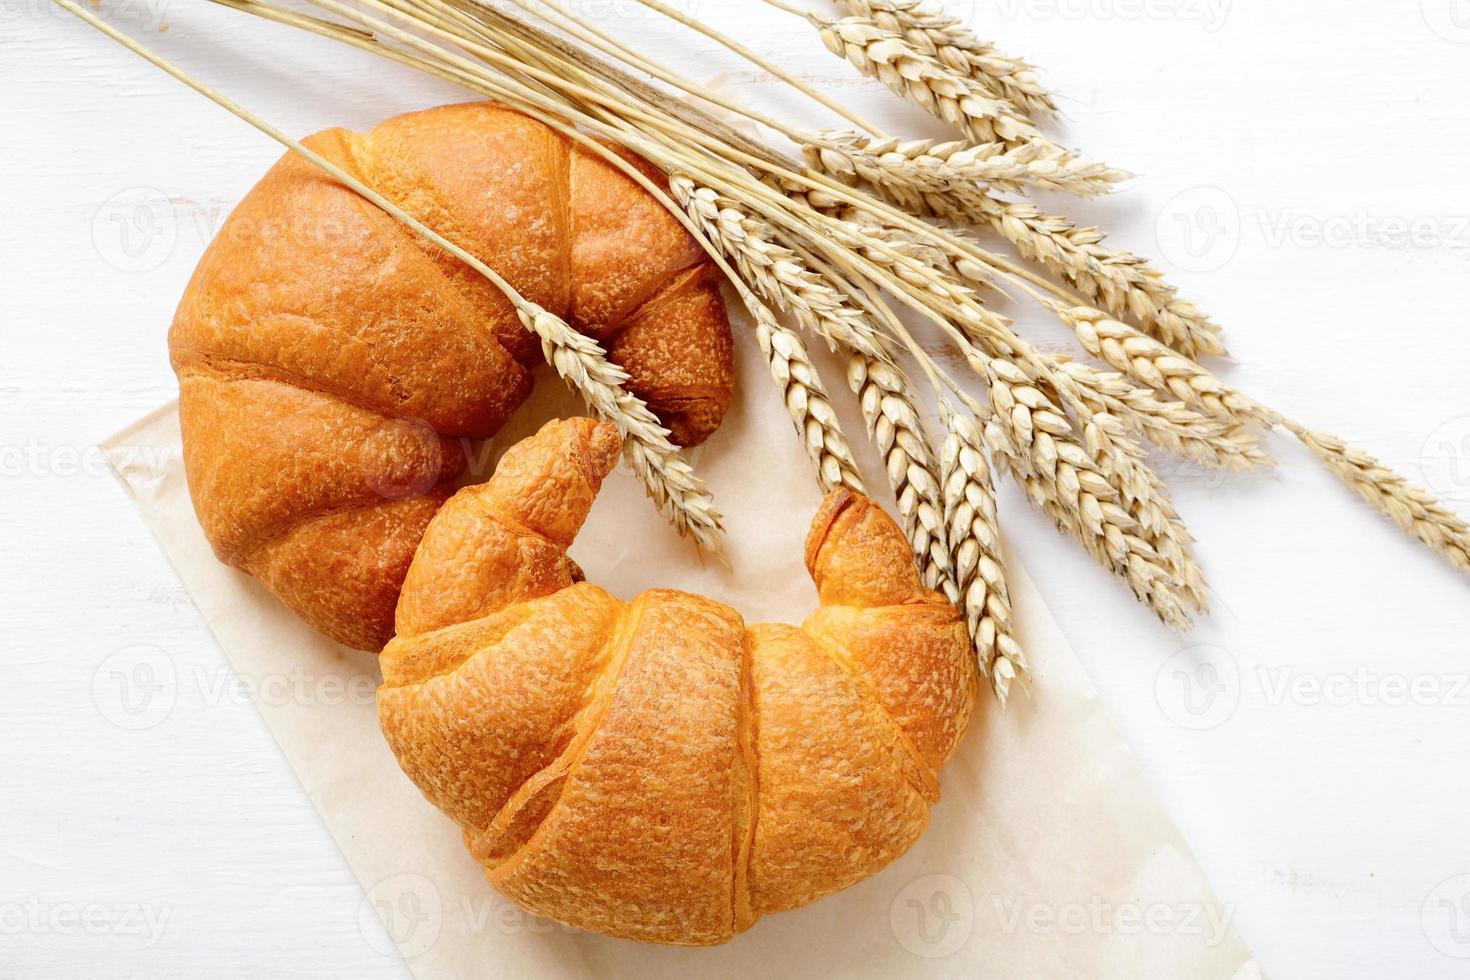 croissant croccante con spighette di grano foto